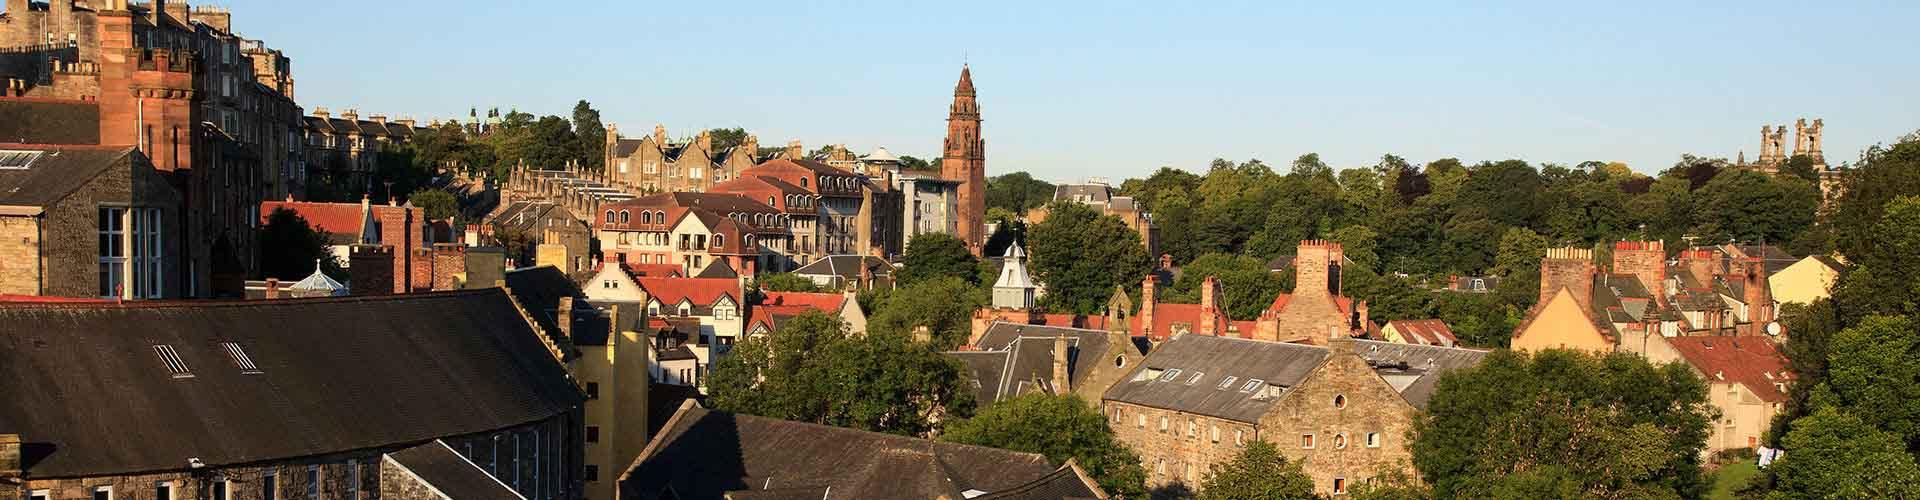 Edimburgo – Albergues no bairro de Dean Aldeia . Mapas para Edimburgo, Fotos e Avaliações para cada Albergue em Edimburgo.